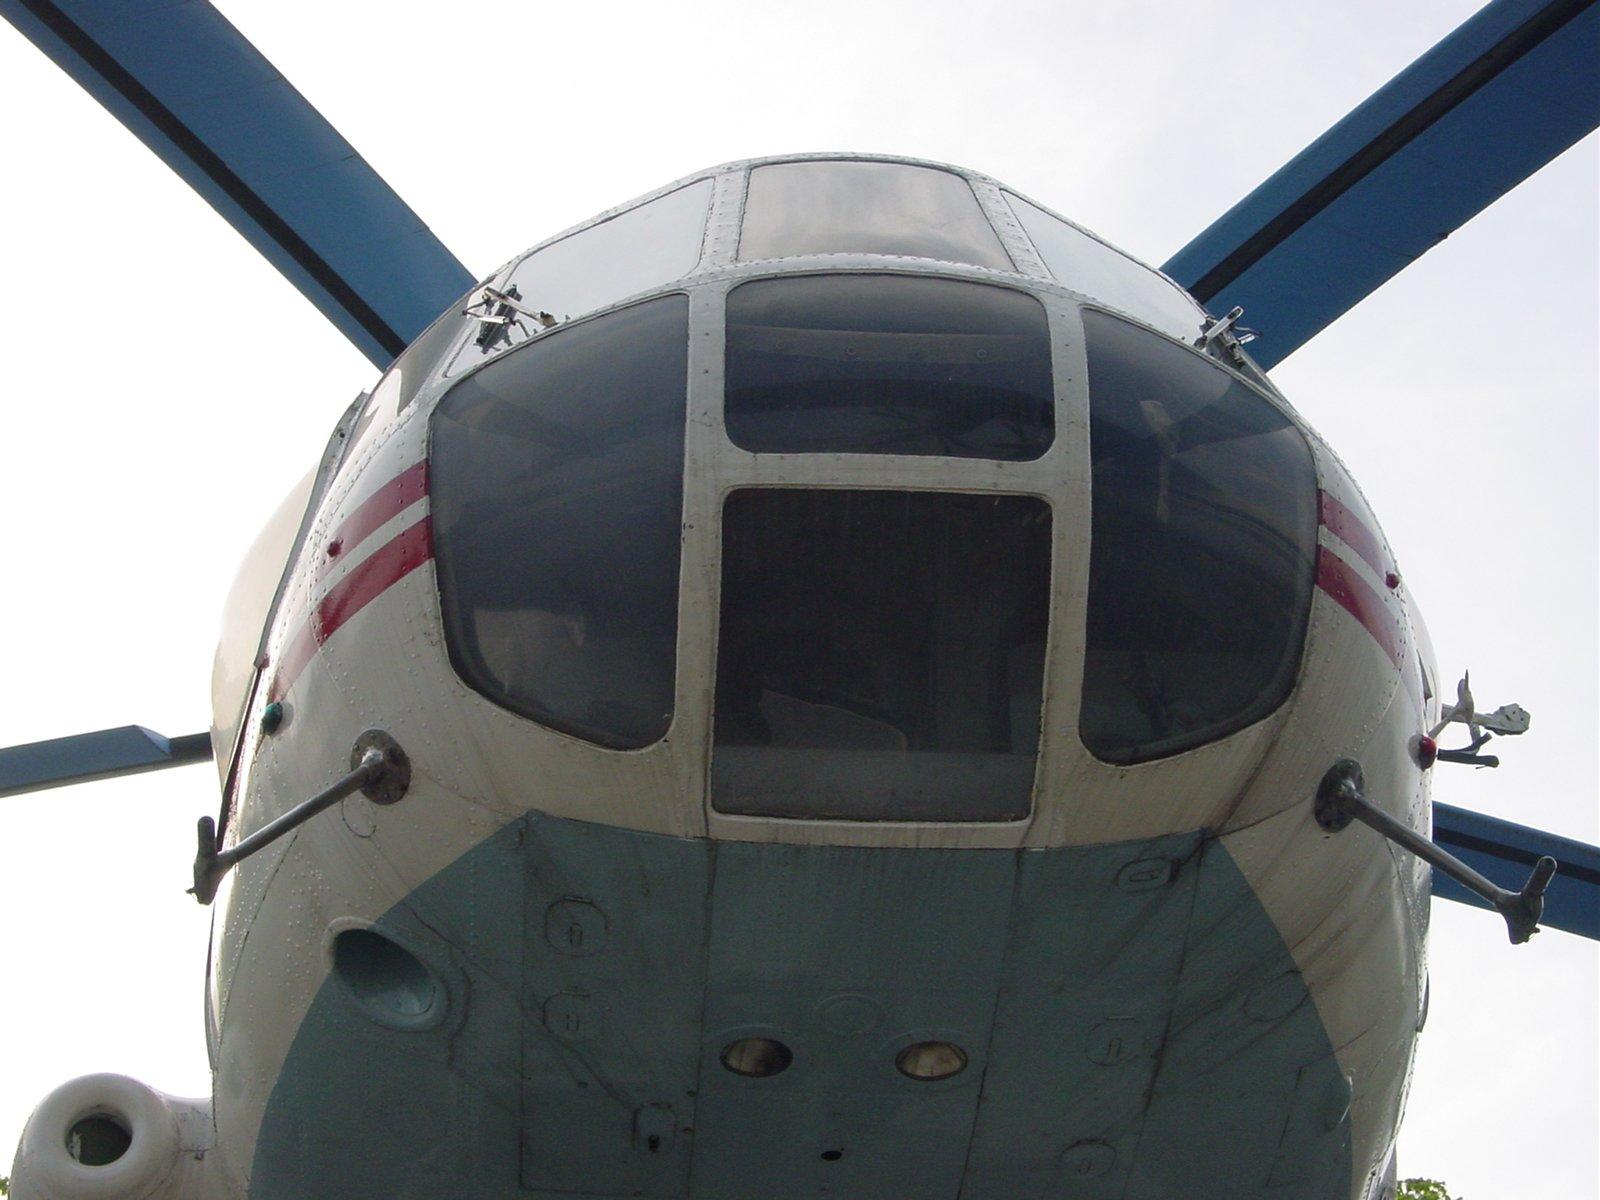 Elicottero 8 : Mjx t c elicottero canali con telecamera imondoitalia srl